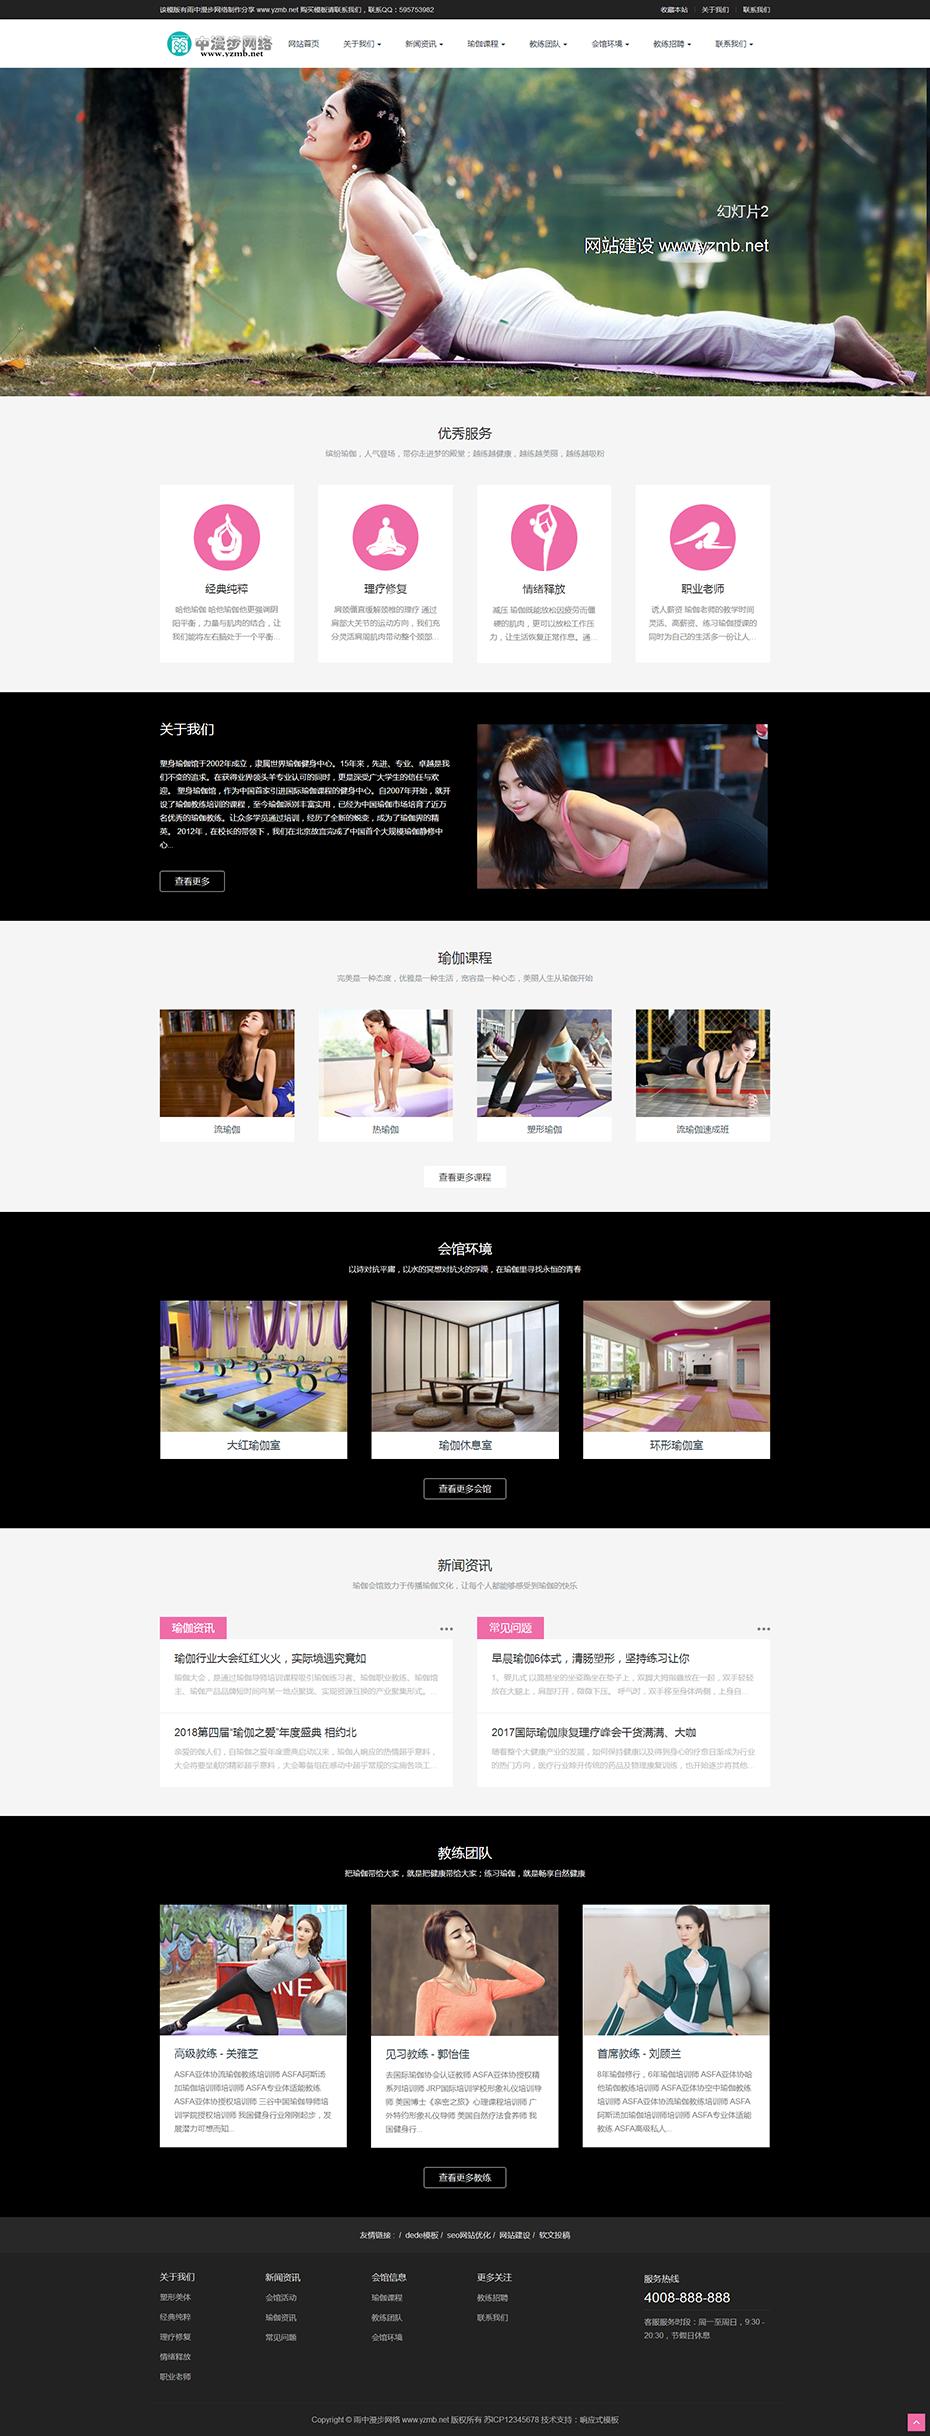 dede主题模板-(自适应手机版)响应式瑜伽健身网站模板下载 第2张